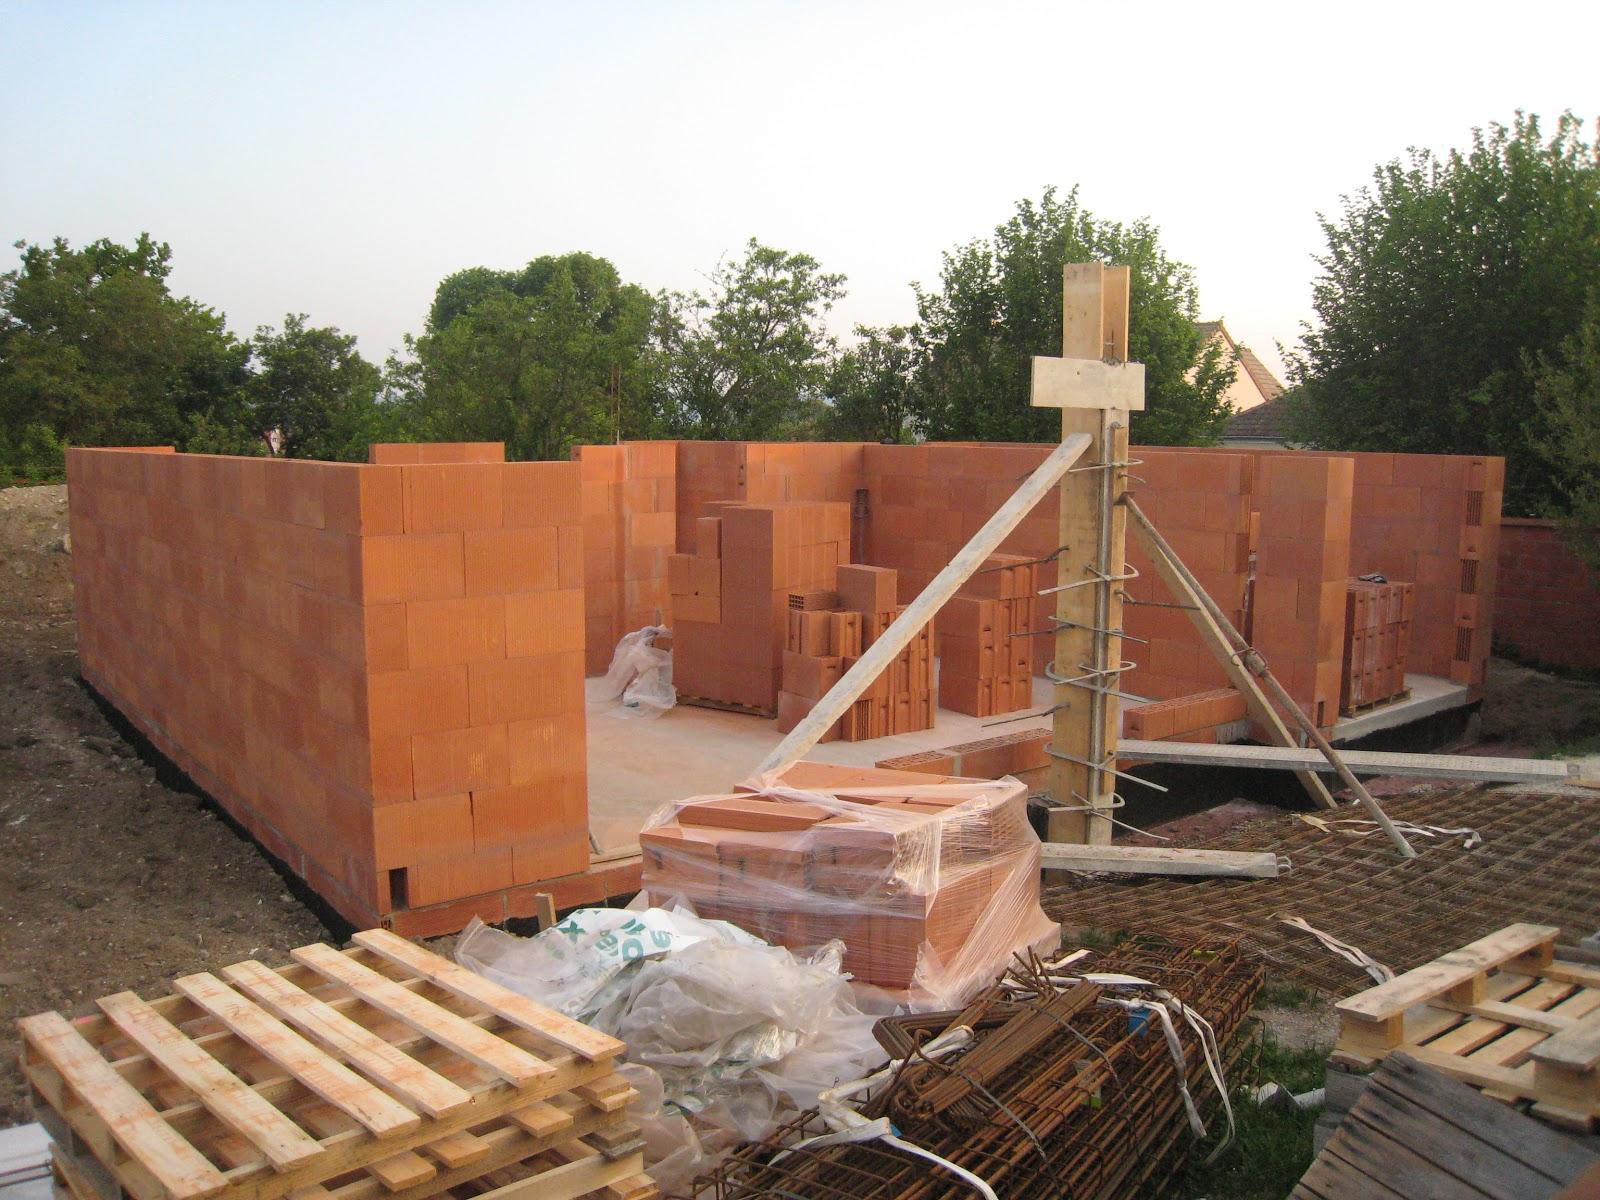 Pose Brique Pose Des Briques 2ème Jour